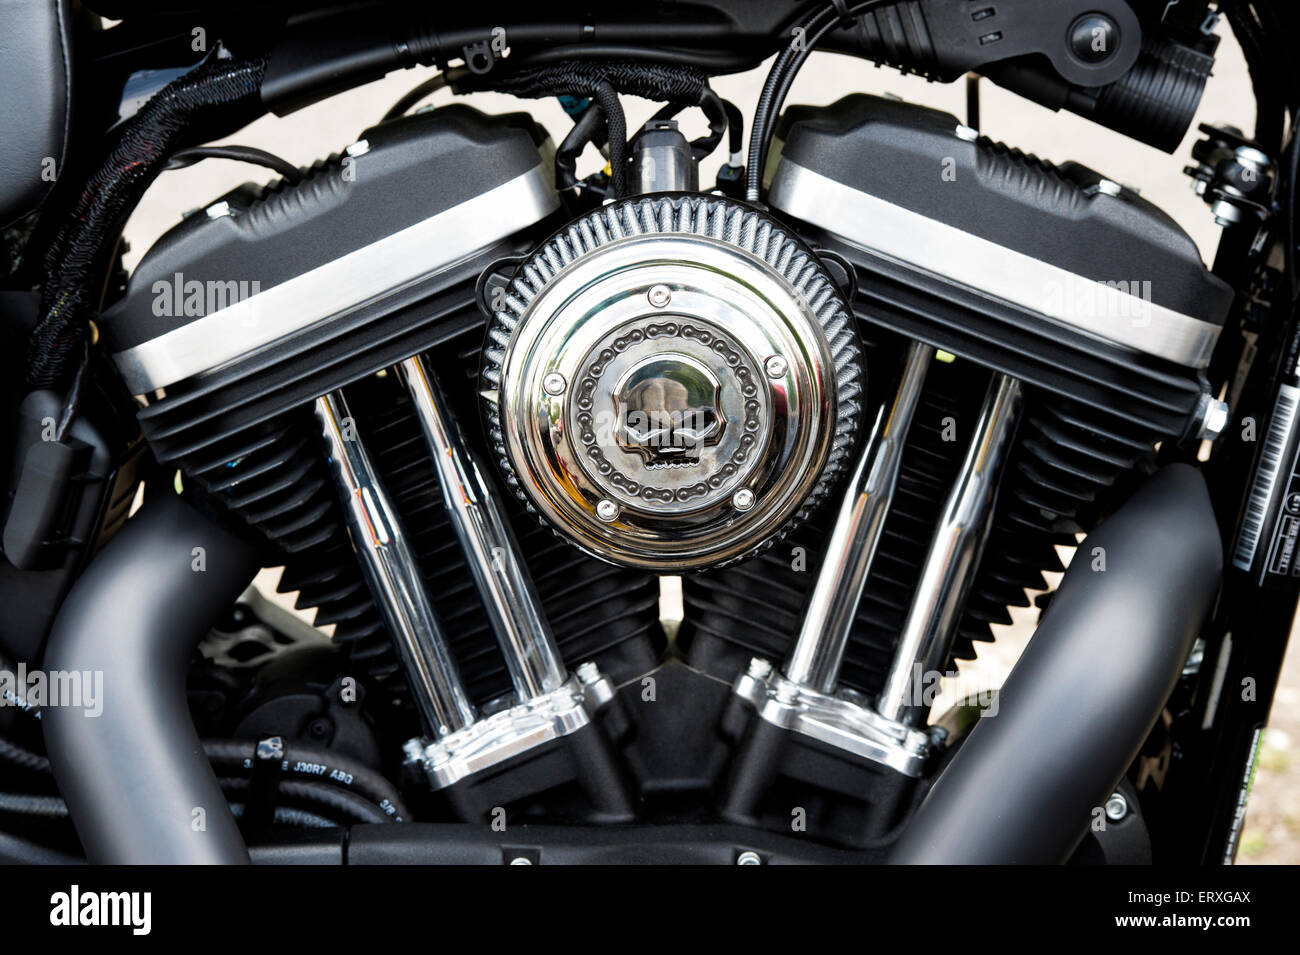 Harley Davidson Iron 883 motorcycle v twin engine Stock Photo ...